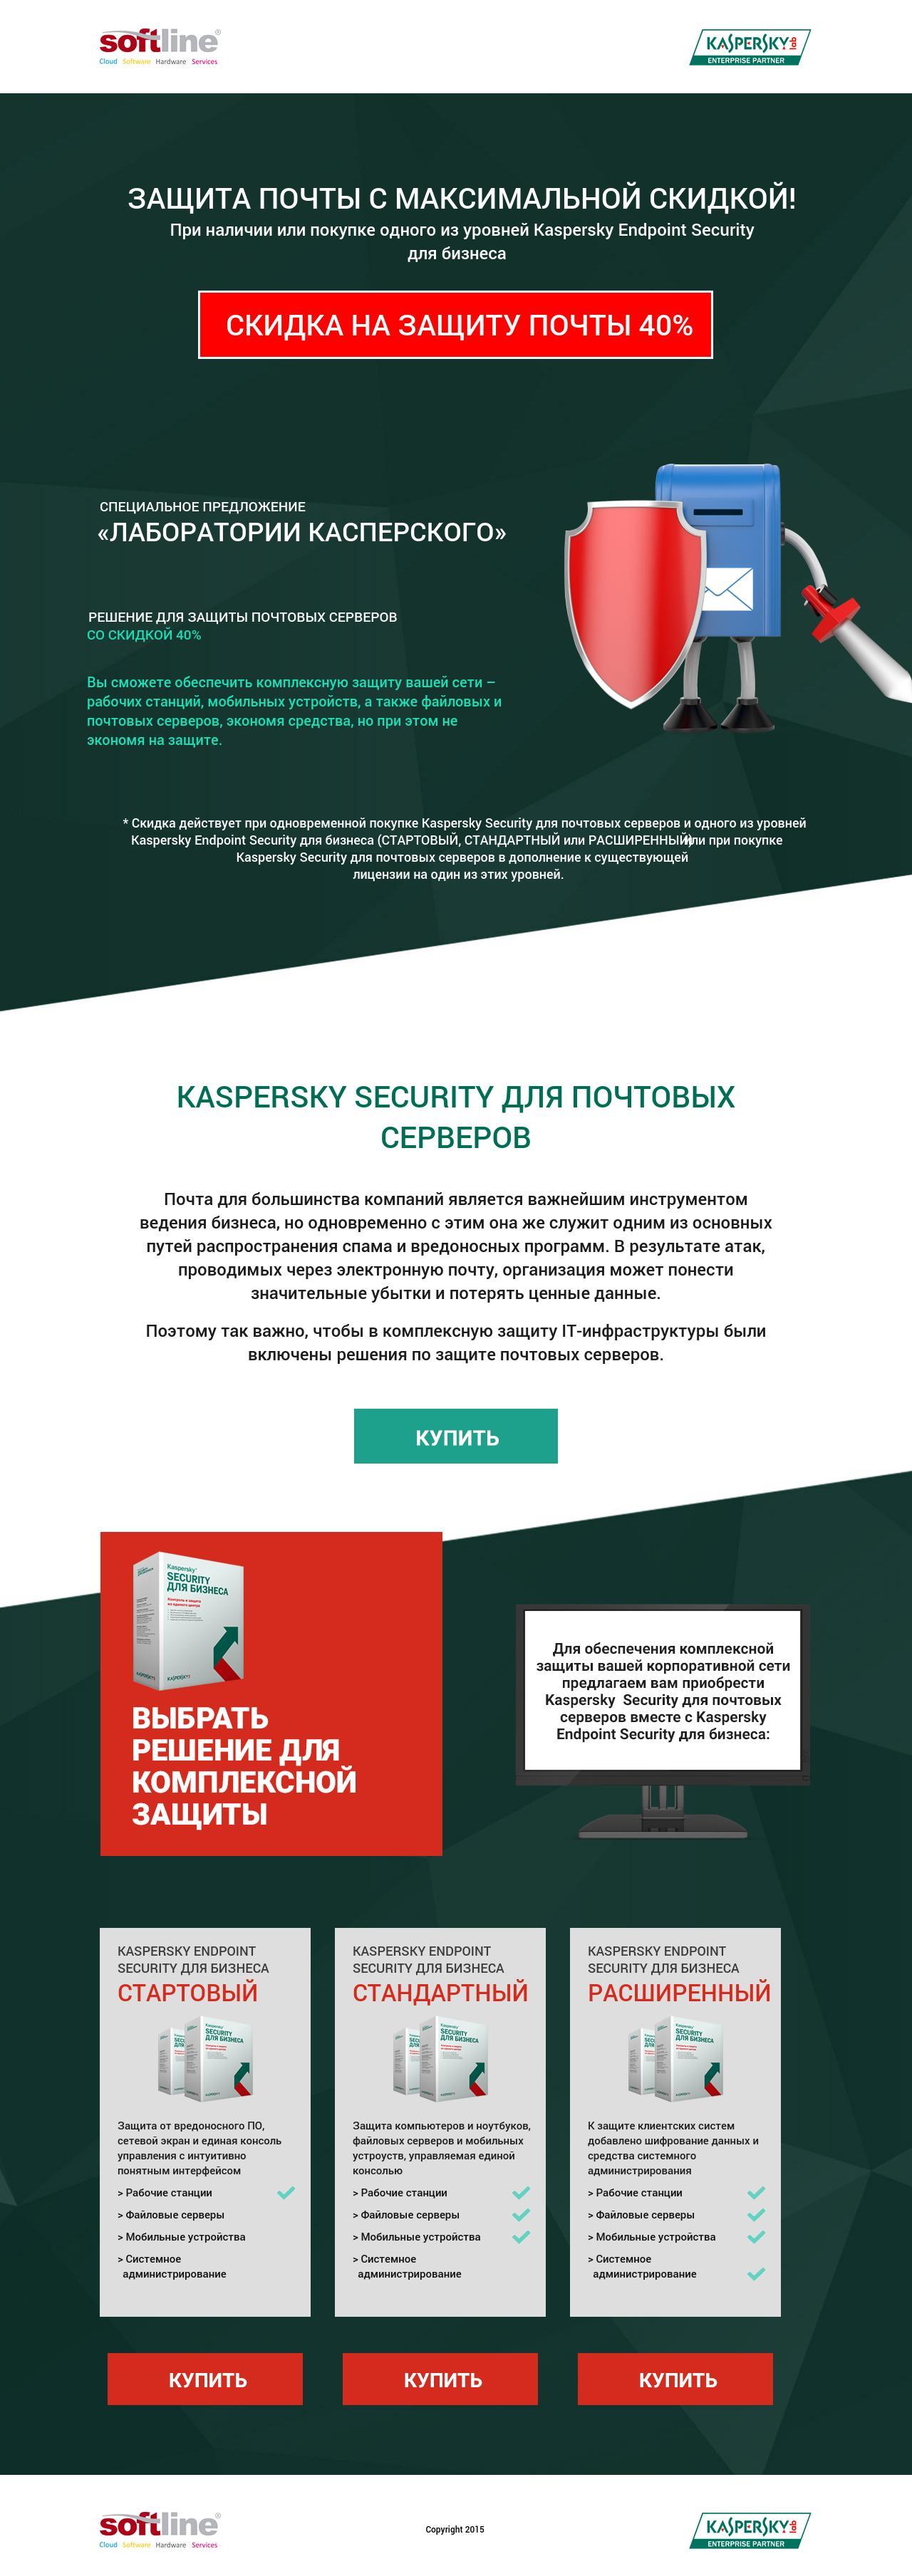 LP Kaspersky